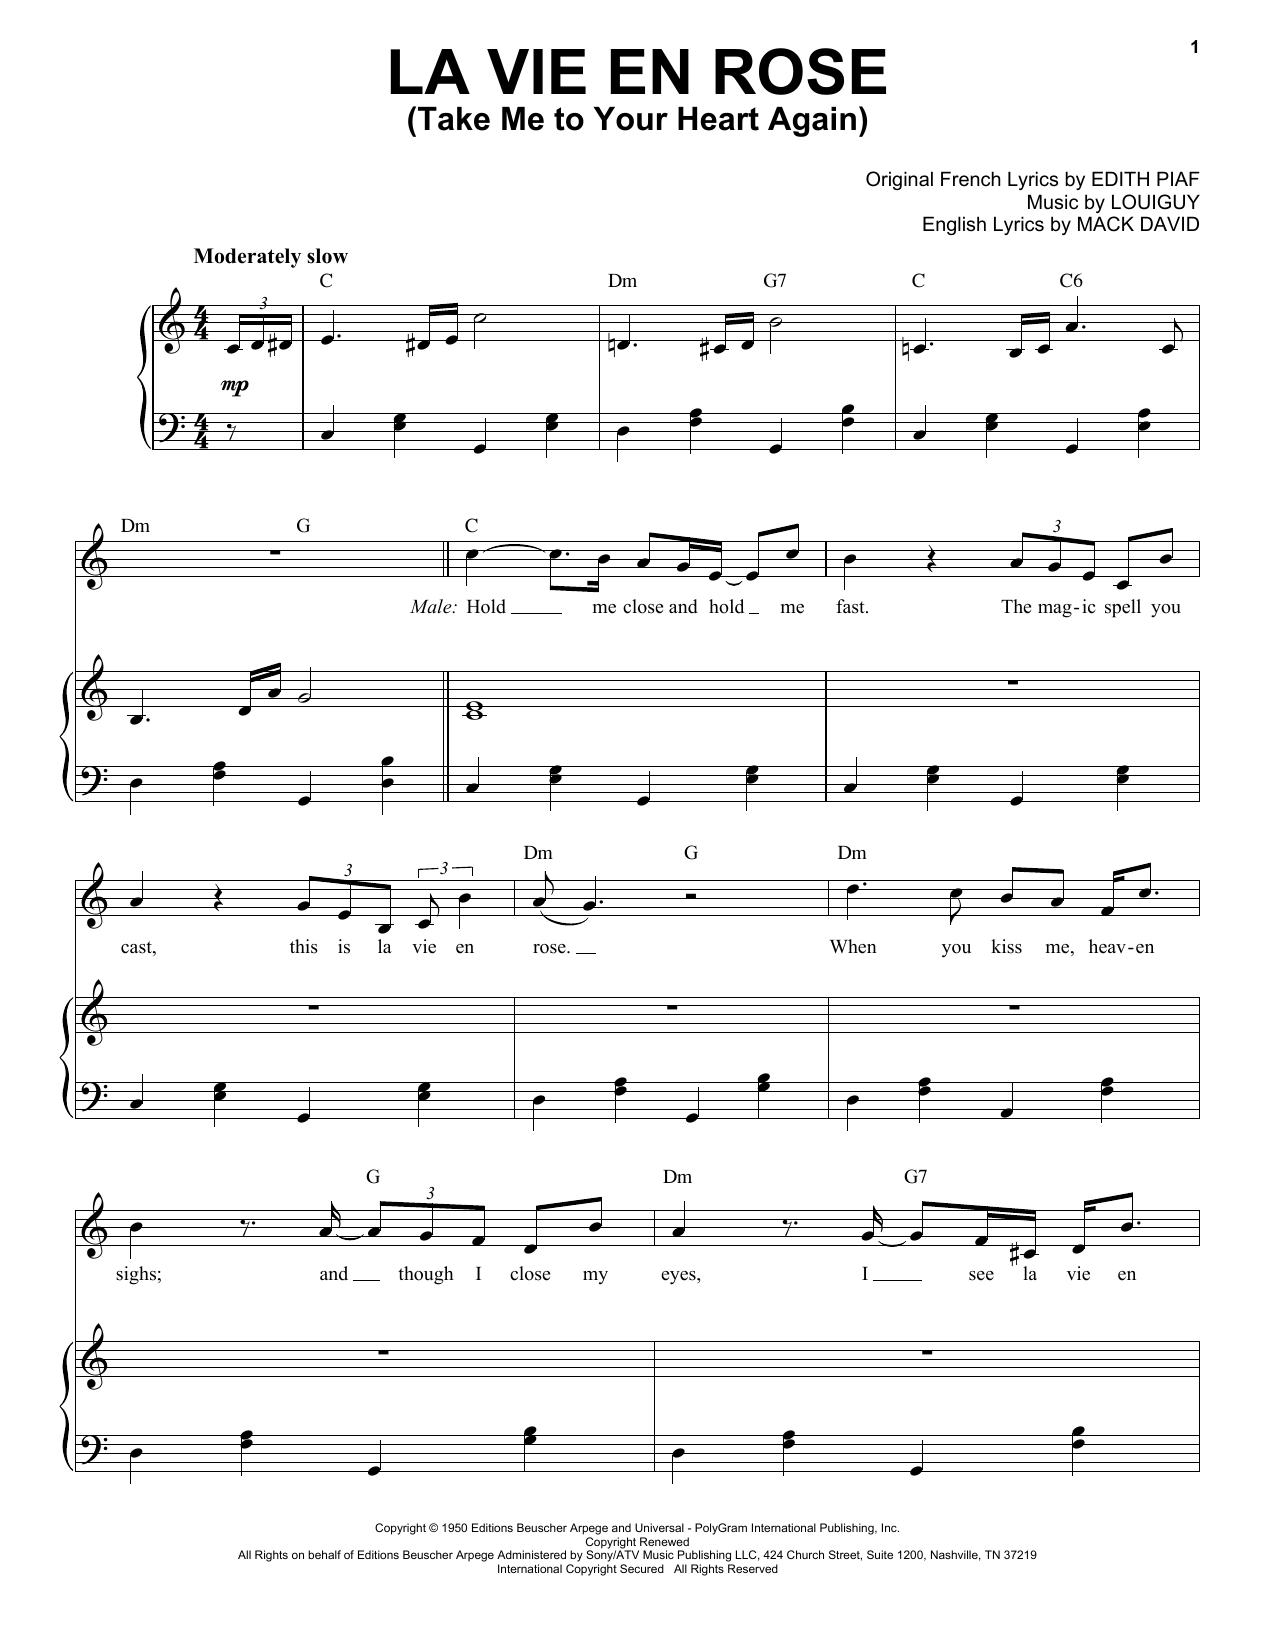 Michael Bublé La vie en rose (feat. Cécile McLorin Salvant) sheet music notes and chords. Download Printable PDF.